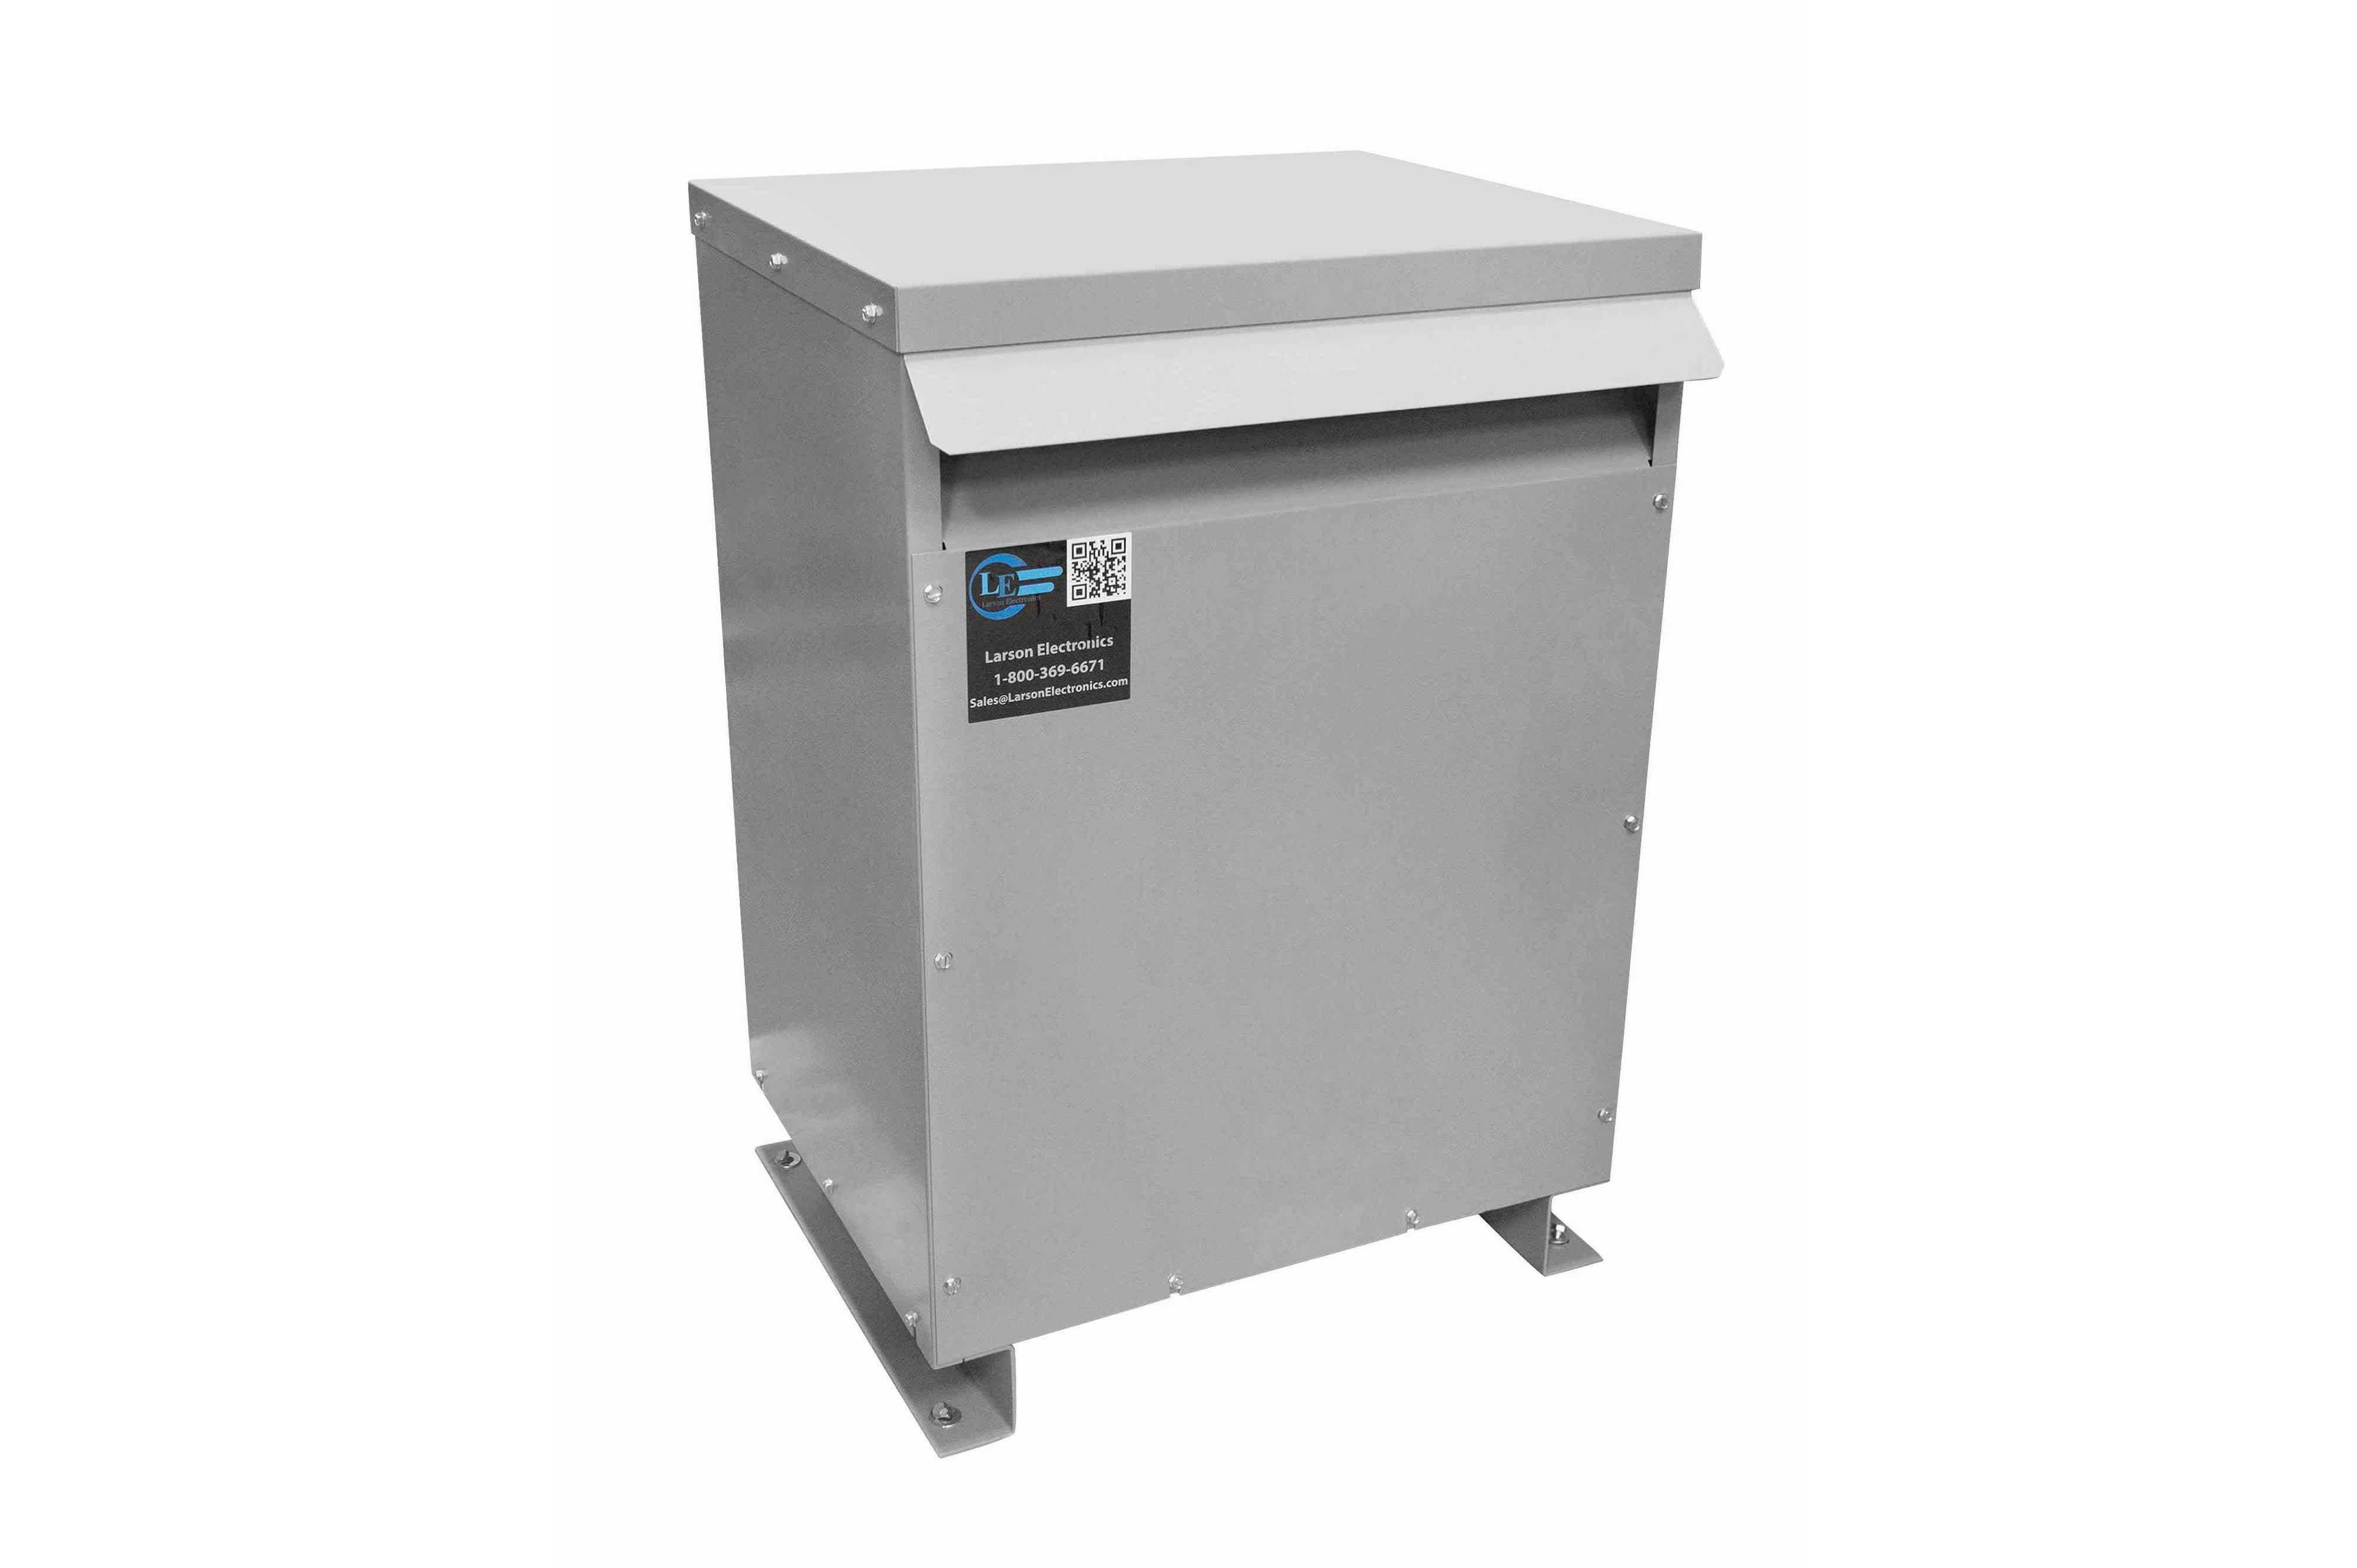 112.5 kVA 3PH Isolation Transformer, 415V Delta Primary, 240 Delta Secondary, N3R, Ventilated, 60 Hz